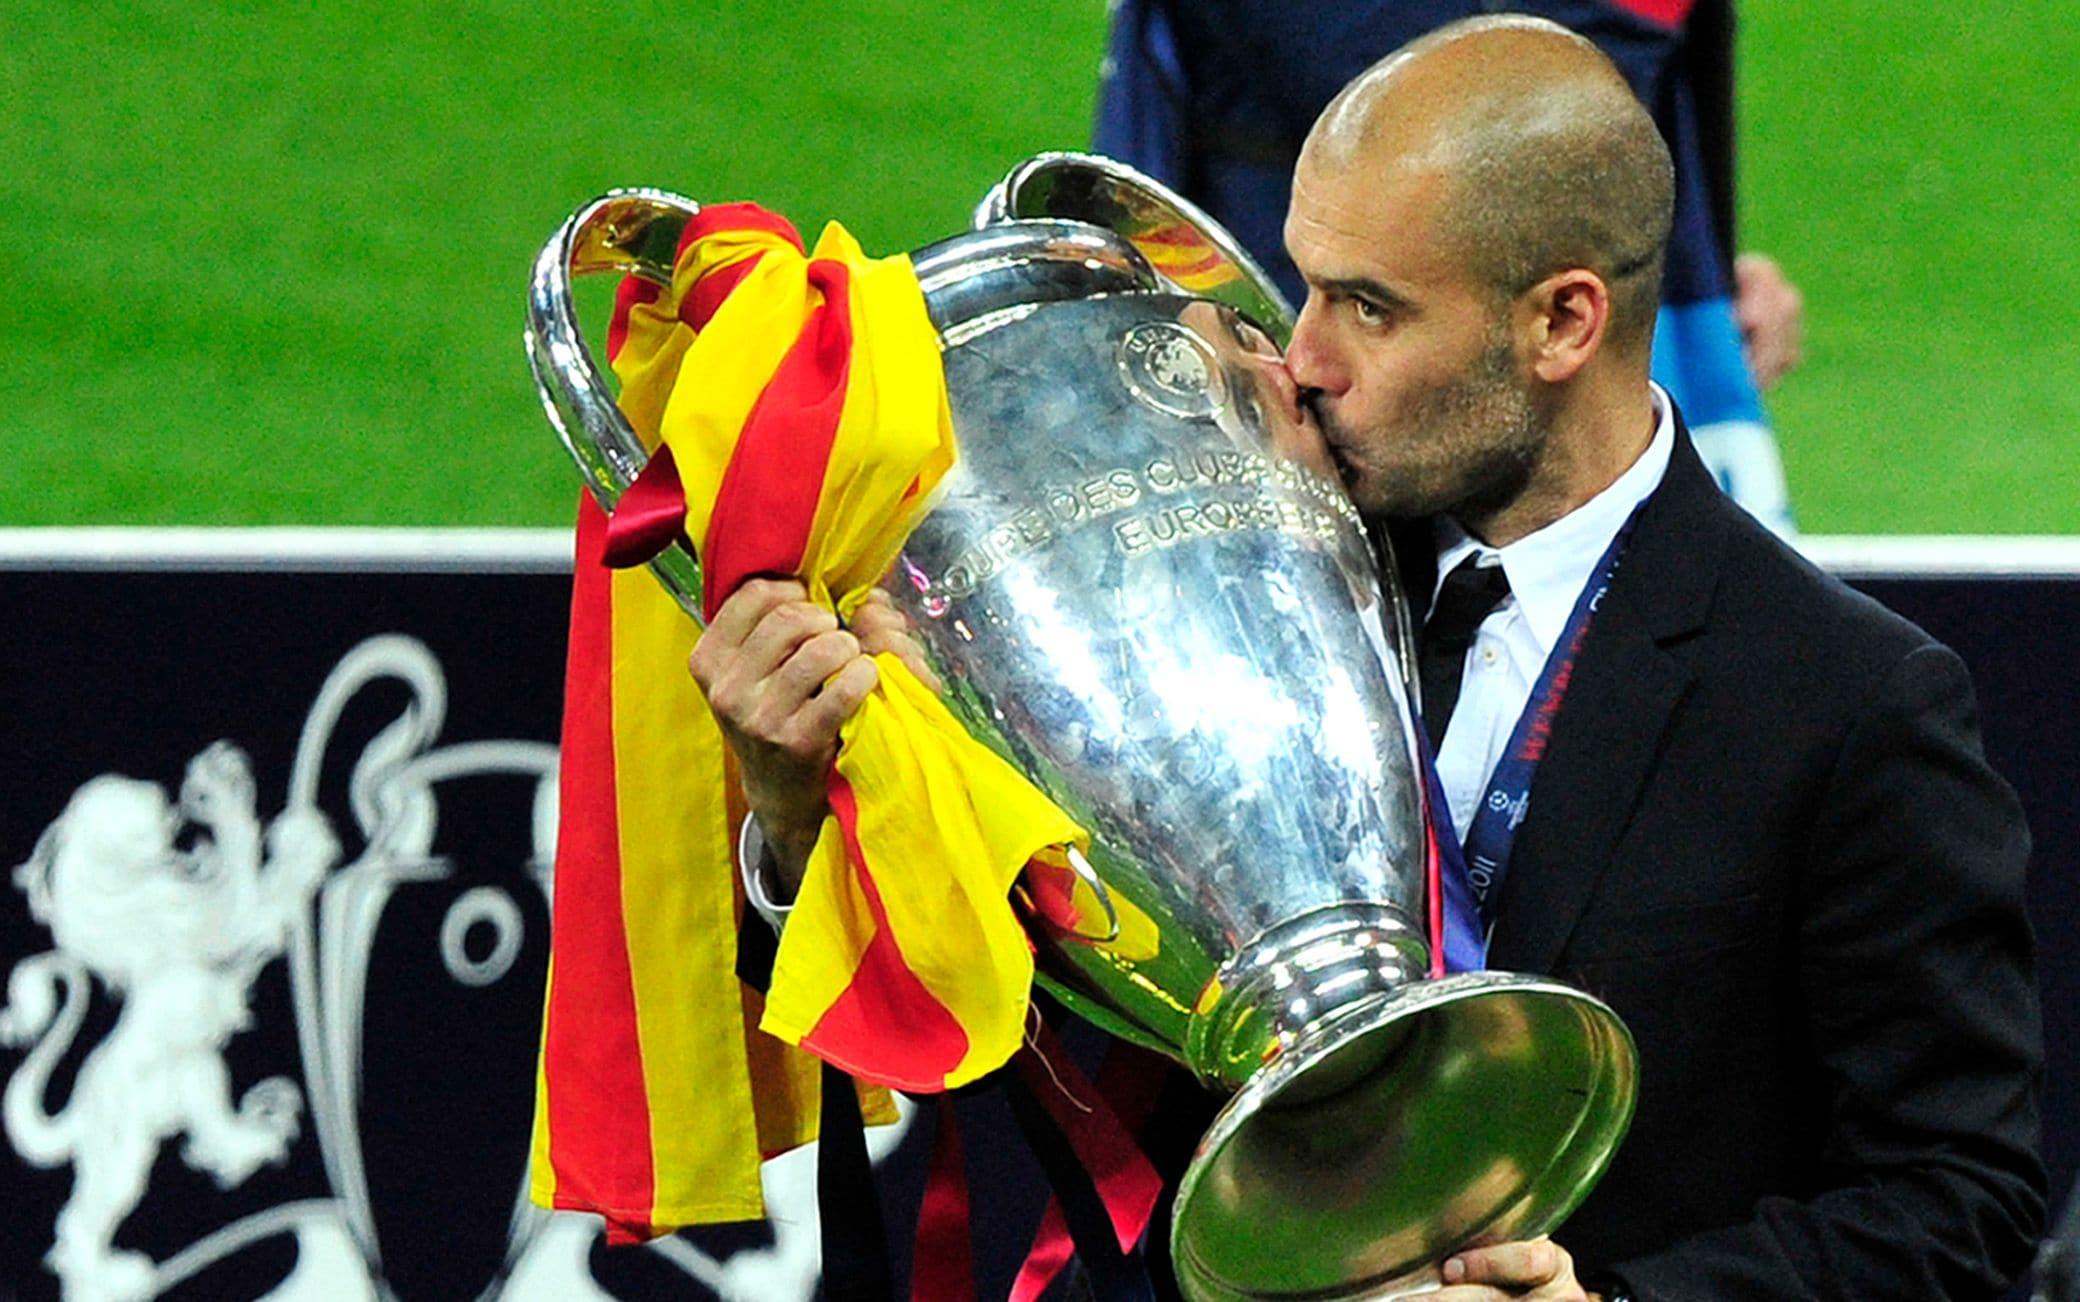 Pep Guardiola ha vinto due volte la Champions League da allenatore, entrambe col Barcellona nel 2009 e nel 2011